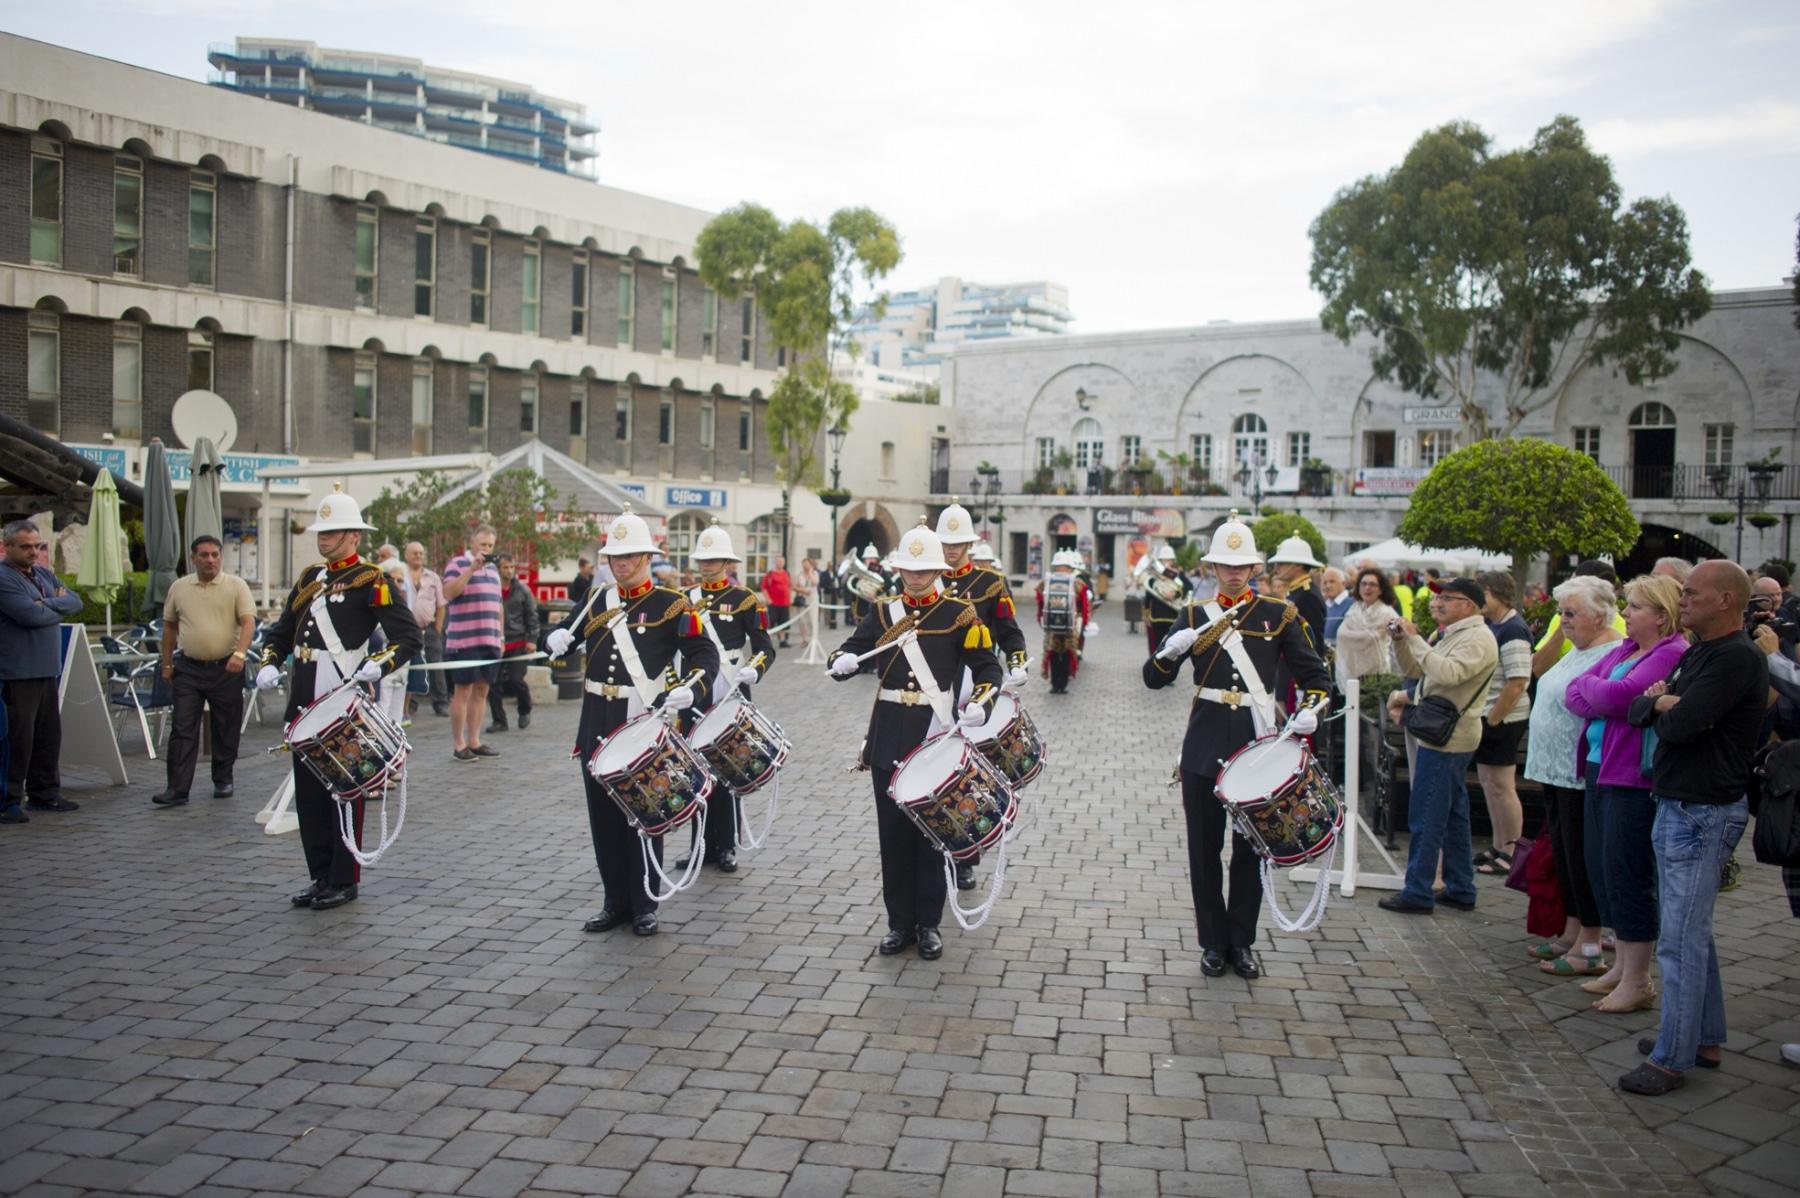 henry-cavill-en-la-carrera-del-350-aniversario-de-los-royal-marines-en-gibraltar-25-octubre-201411_15623758395_o